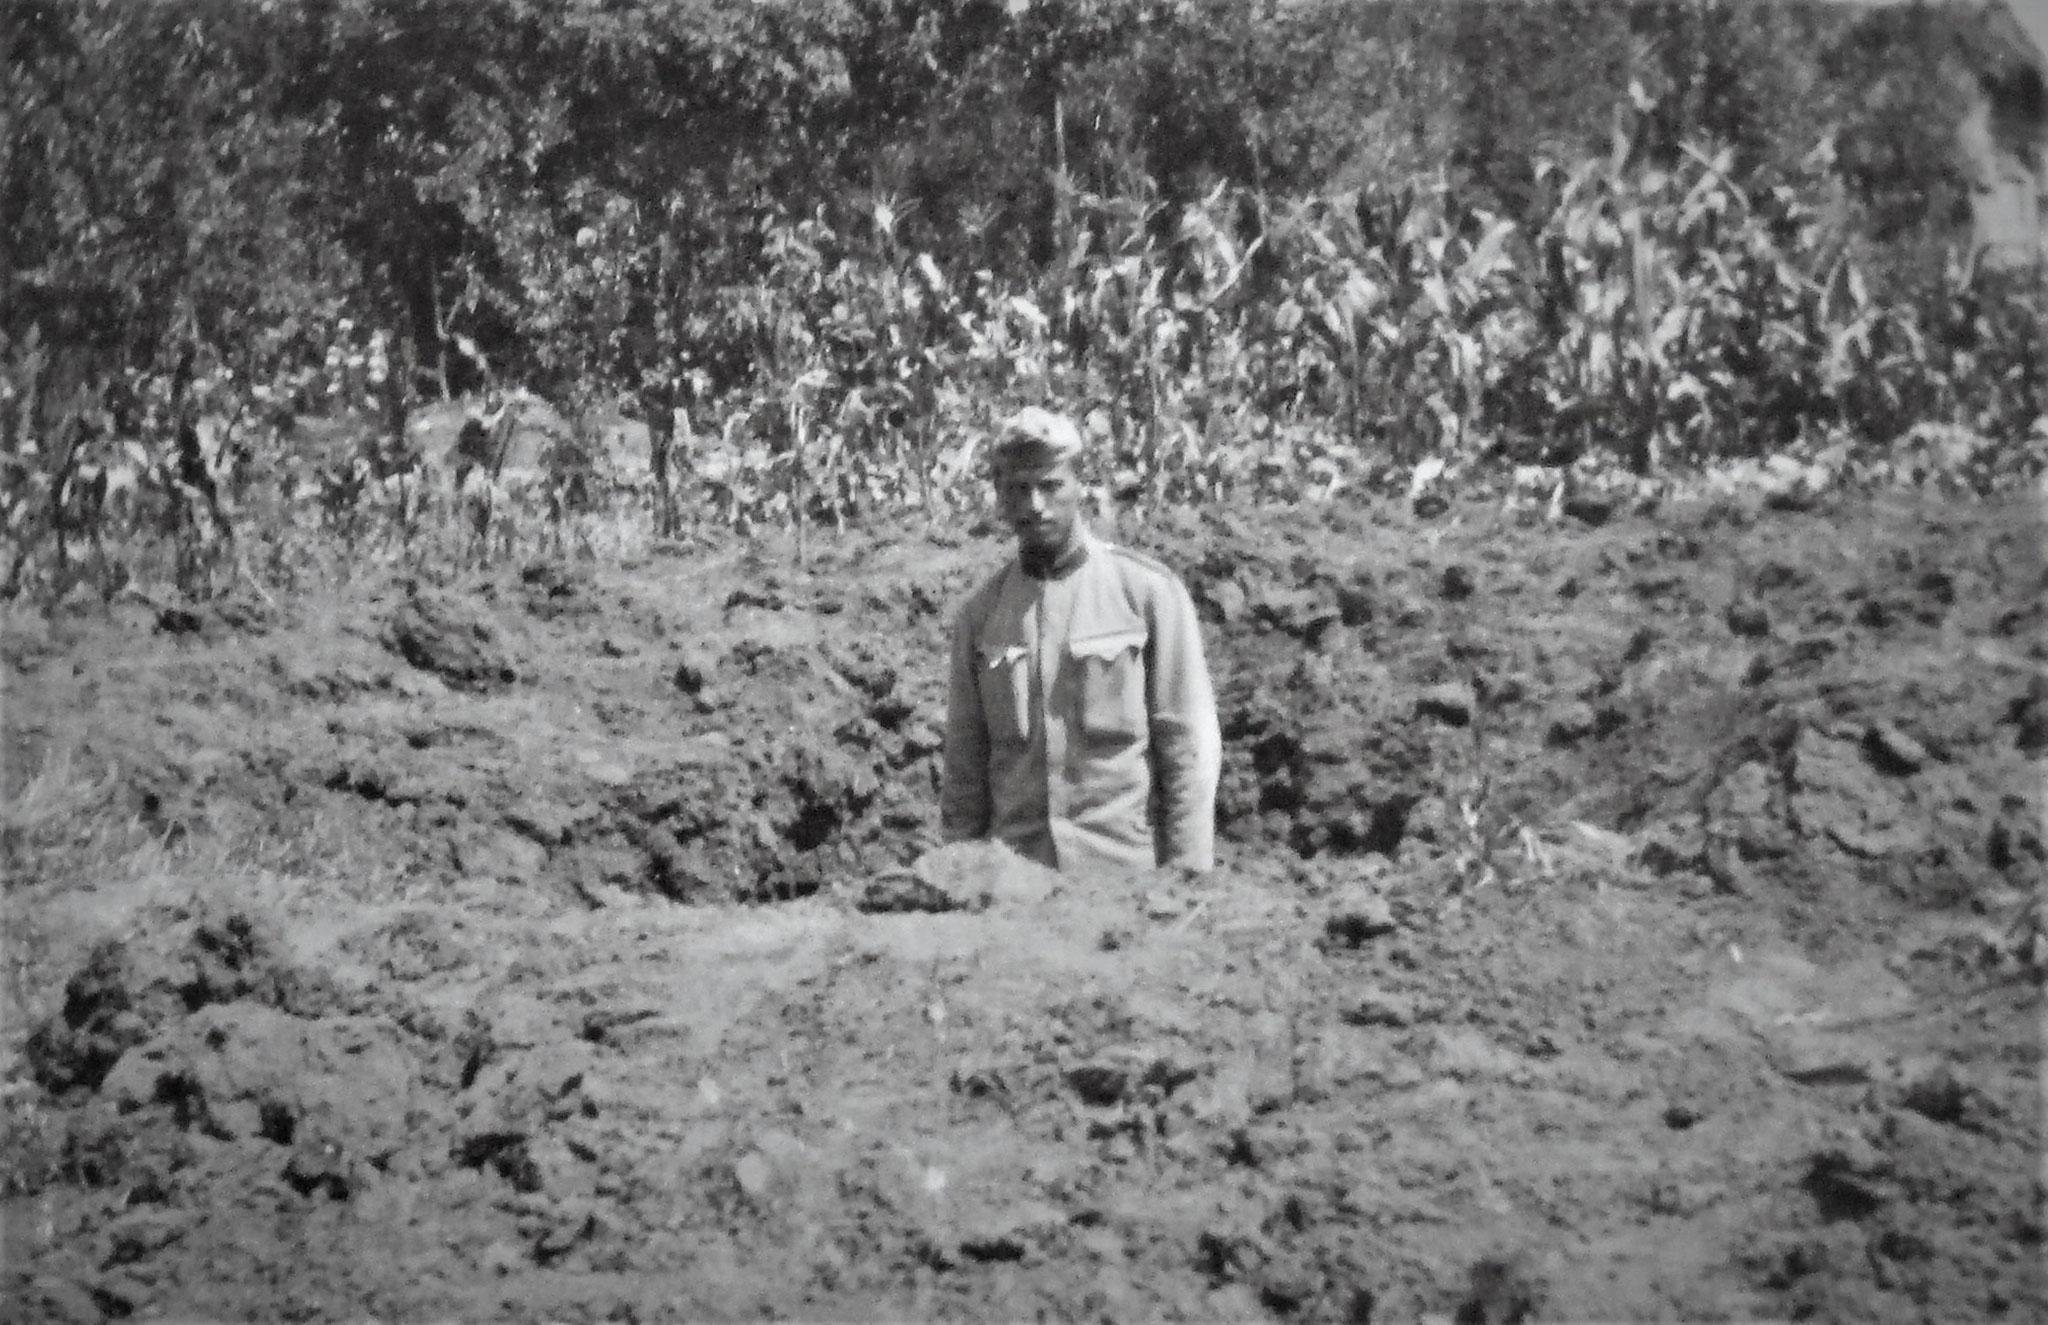 Trichter einer 18 cm Granate in normalem Erdboden. - Im Trichter stehend OffzD. Hofmeister.